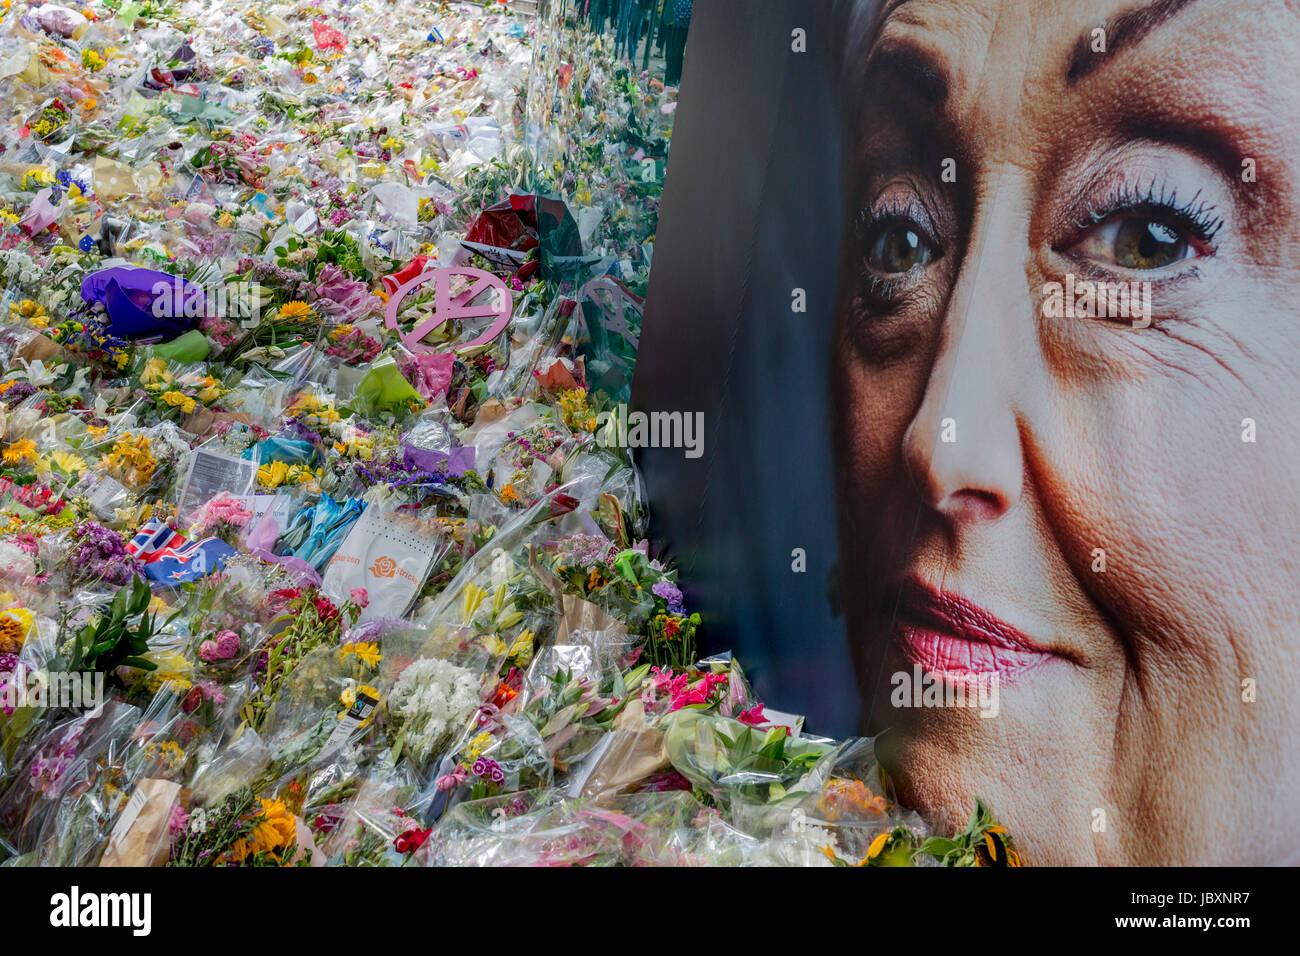 La faccia di pubblicità di mezza età lady simboleggia la compassione e la simpatia presso il santuario Immagini Stock